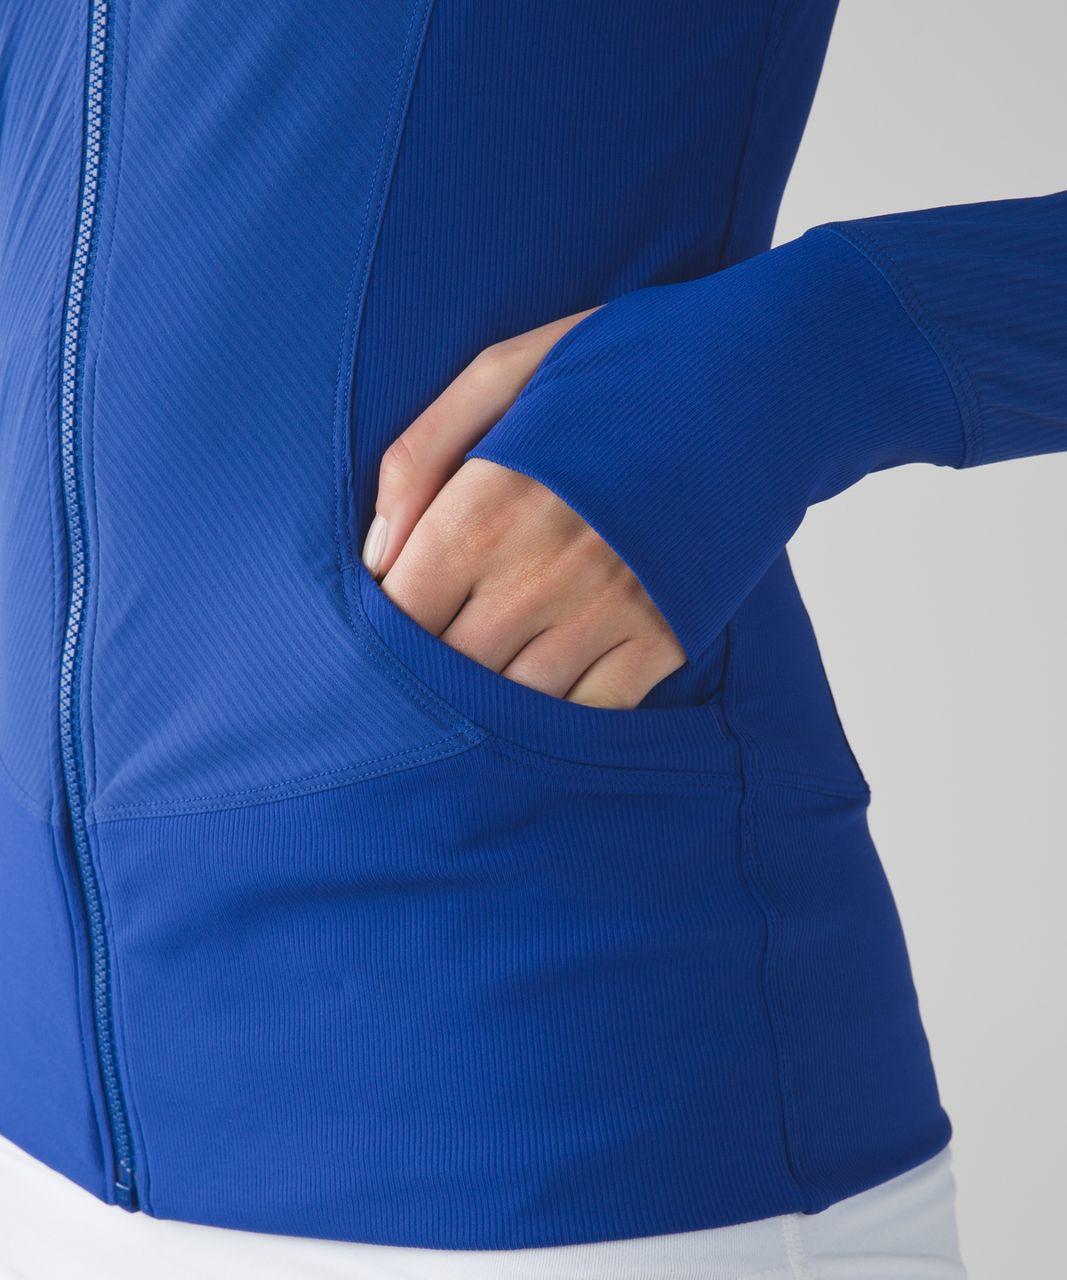 Lululemon In Flux Jacket - Sapphire Blue